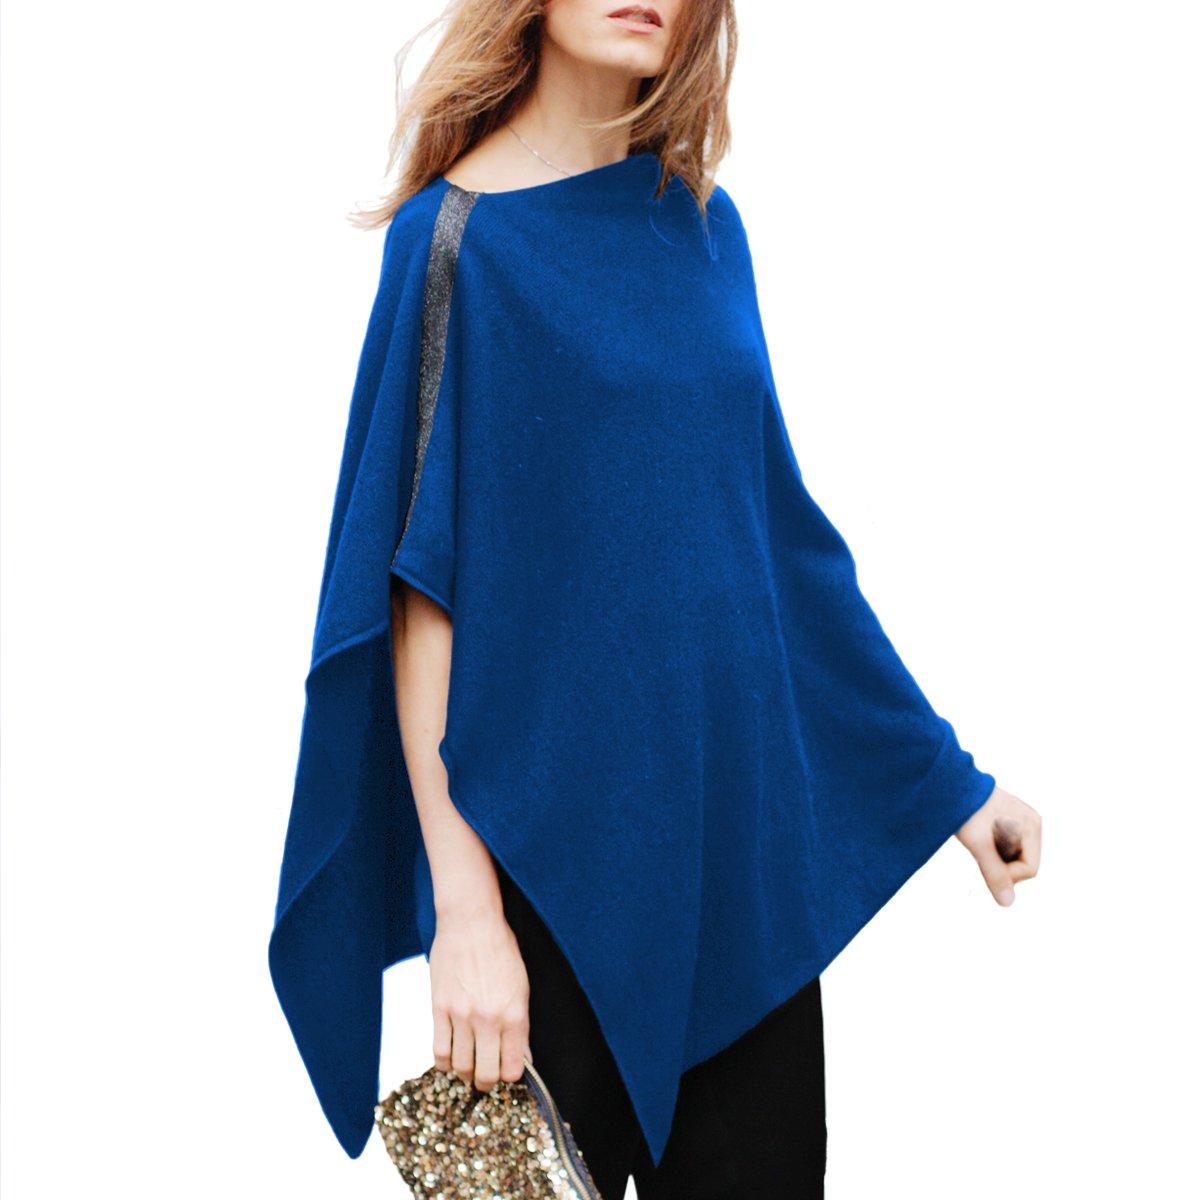 Parisbonbon Women's 100% Cashmere Pullover style Poncho Color Blue Size L by Parisbonbon